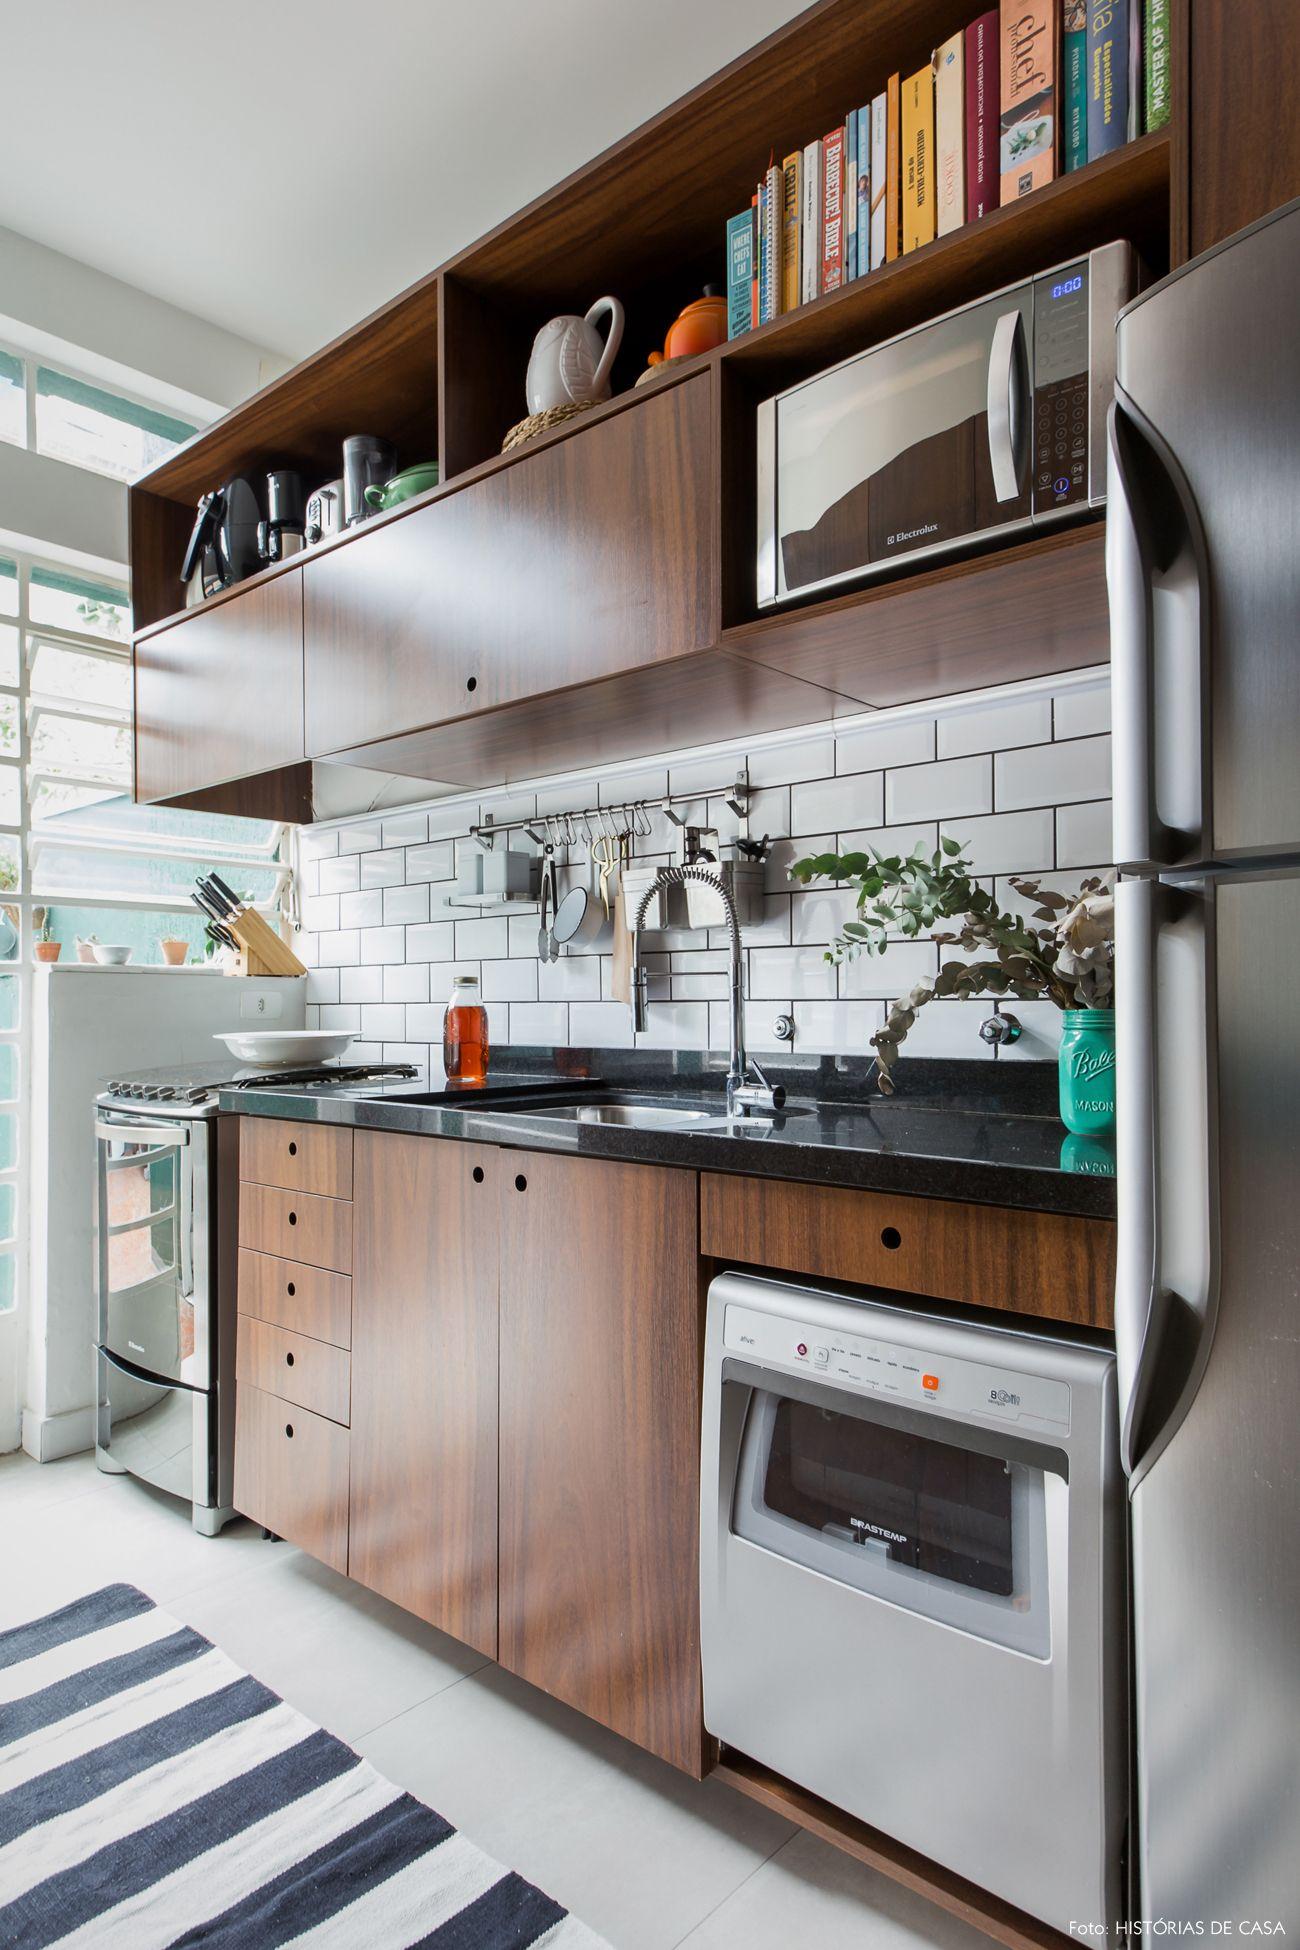 Um sonho possível | Pinterest | Interiores, Cocinas y Apartamentos